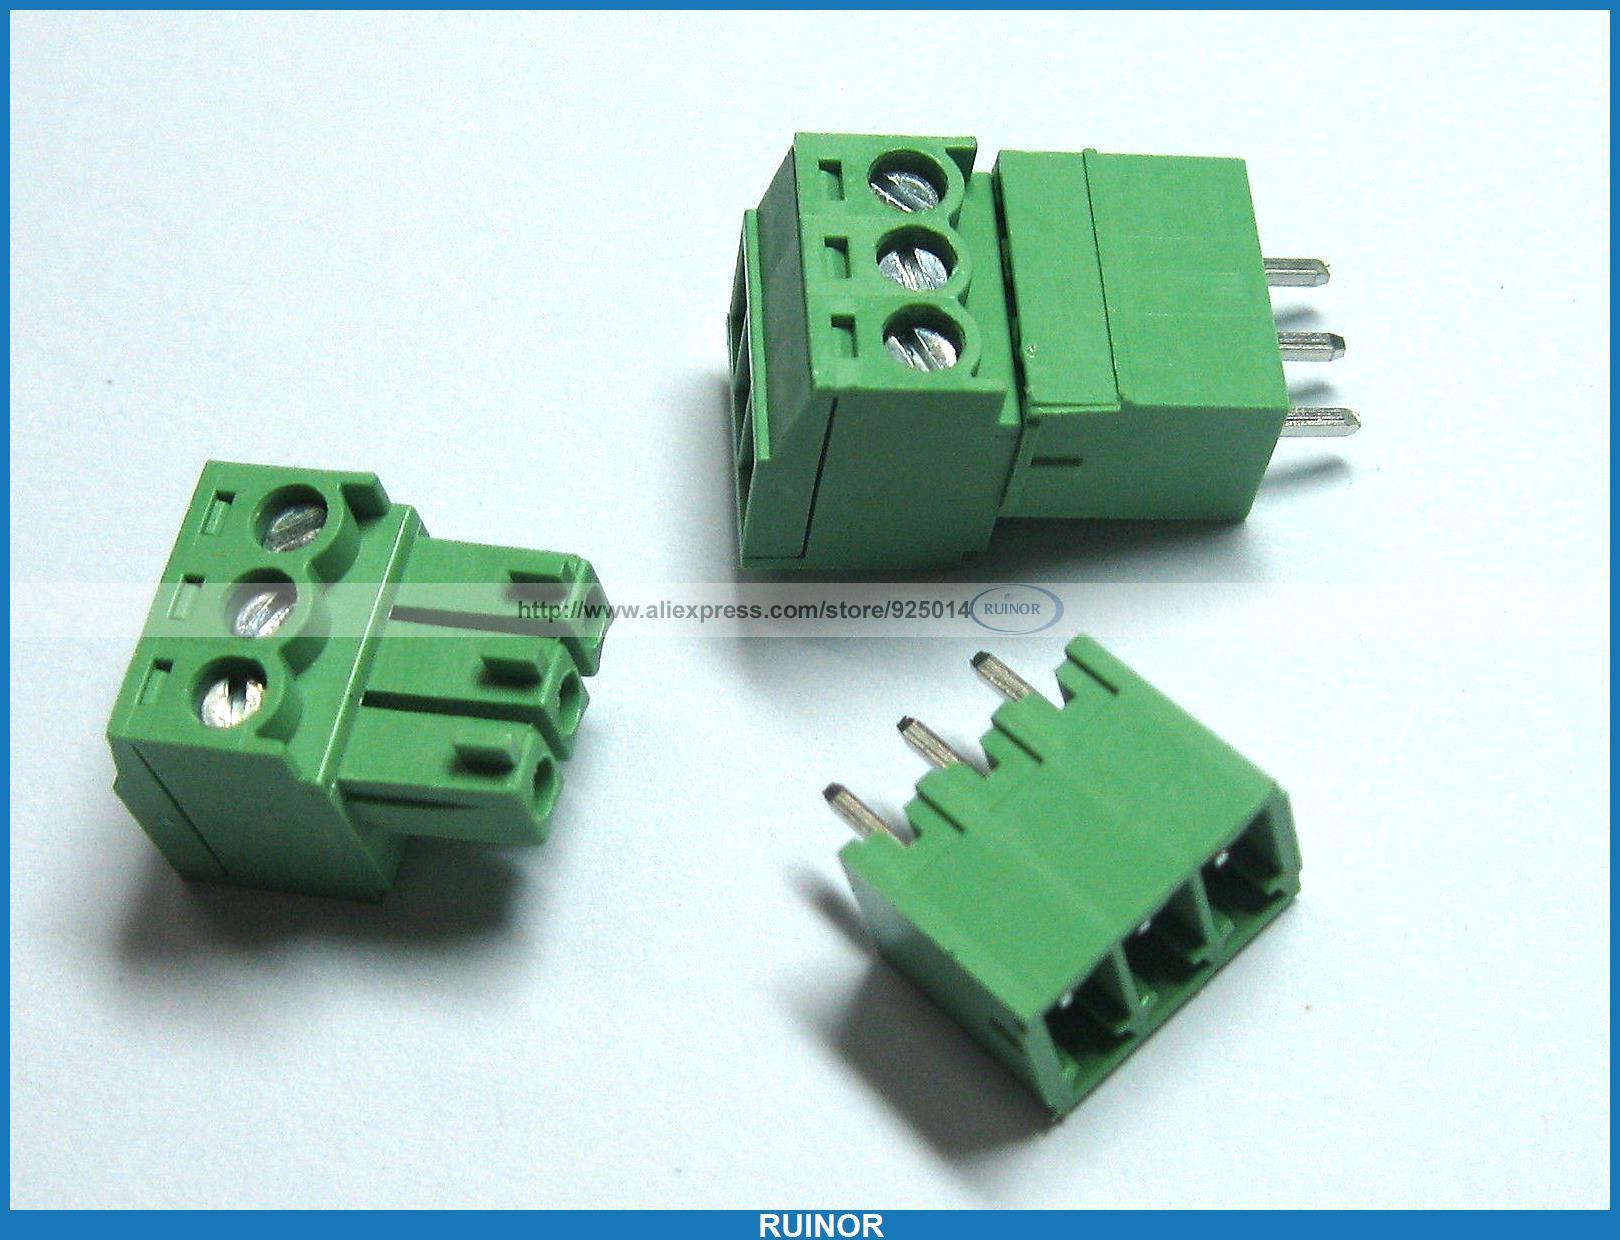 150 Pcs Screw Terminal Block Connector 3.5mm 3 Pin Way Green Pluggable Type 30 pcs screw terminal block connector 3 81mm 12 pin green pluggable type